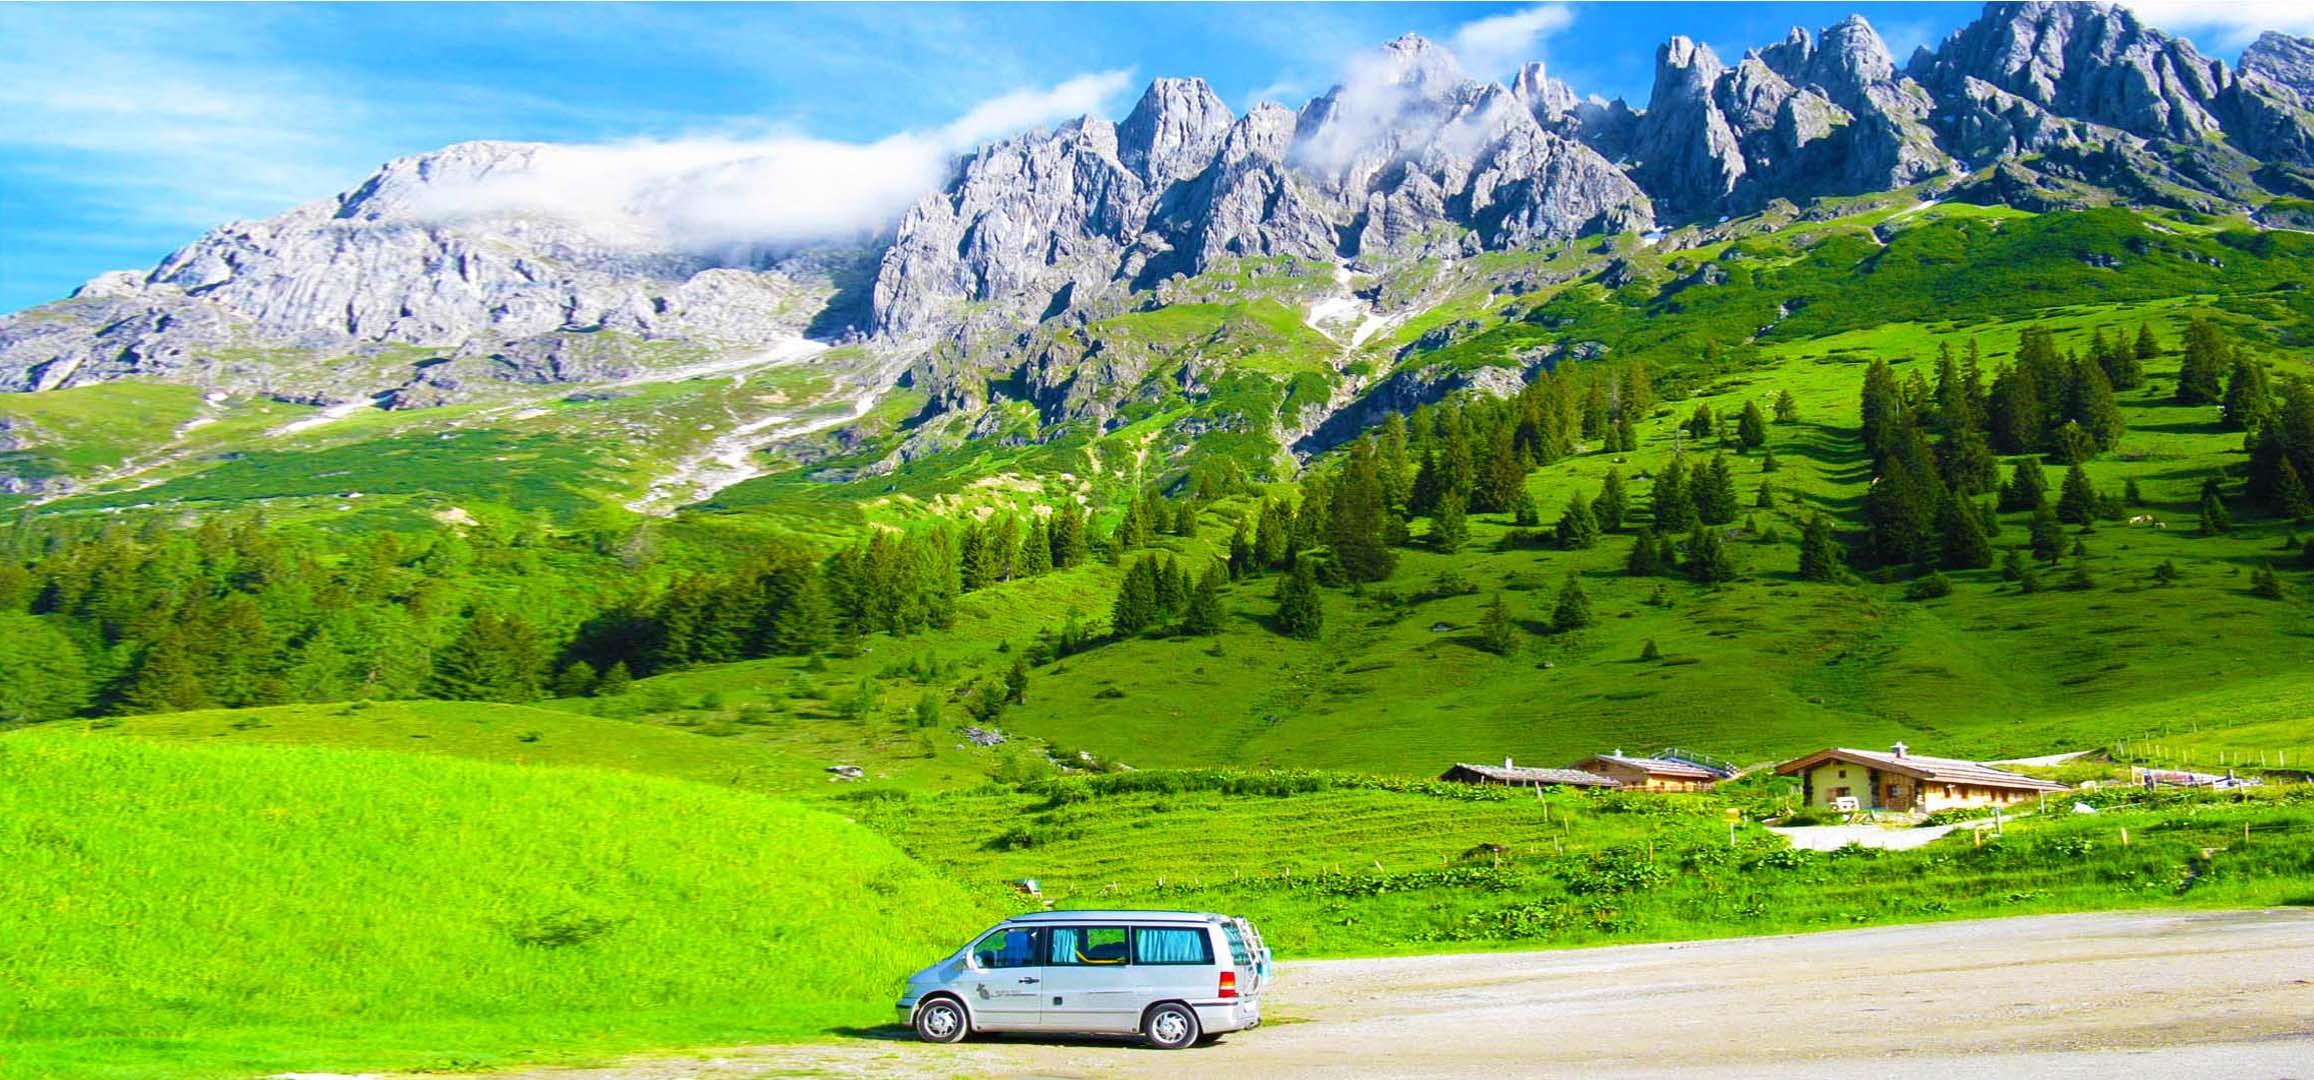 Geführte Wohnmobil Reise Alpen